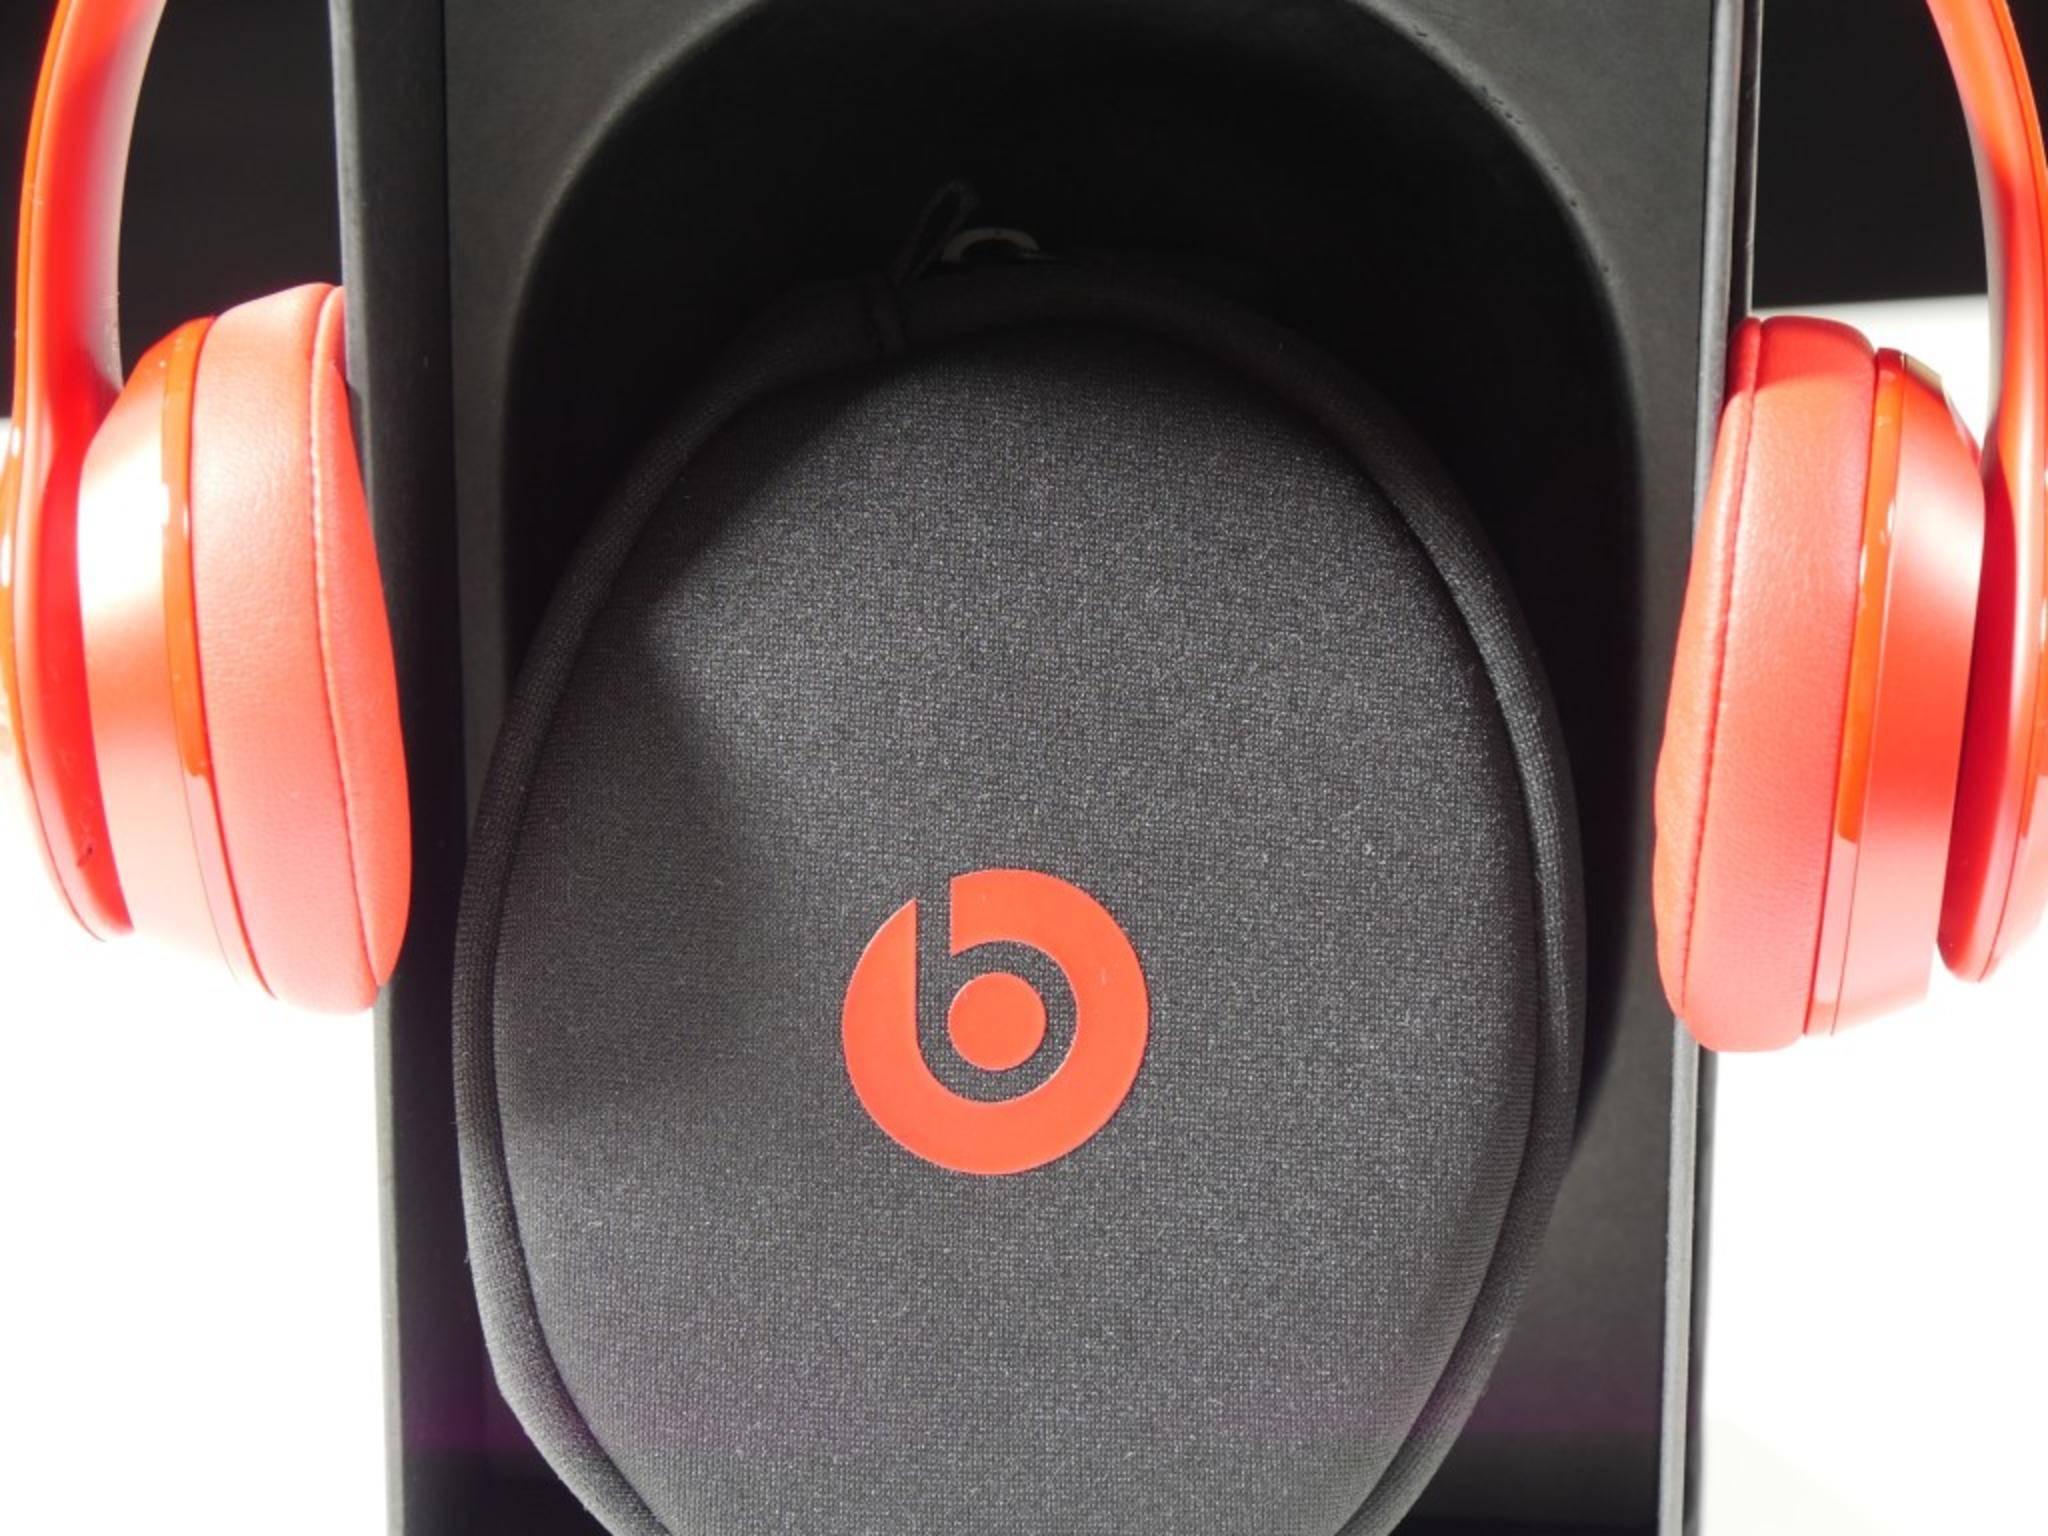 Den Beats Solo 2 Wireless gibt es beispielsweise in knalligem Rot.